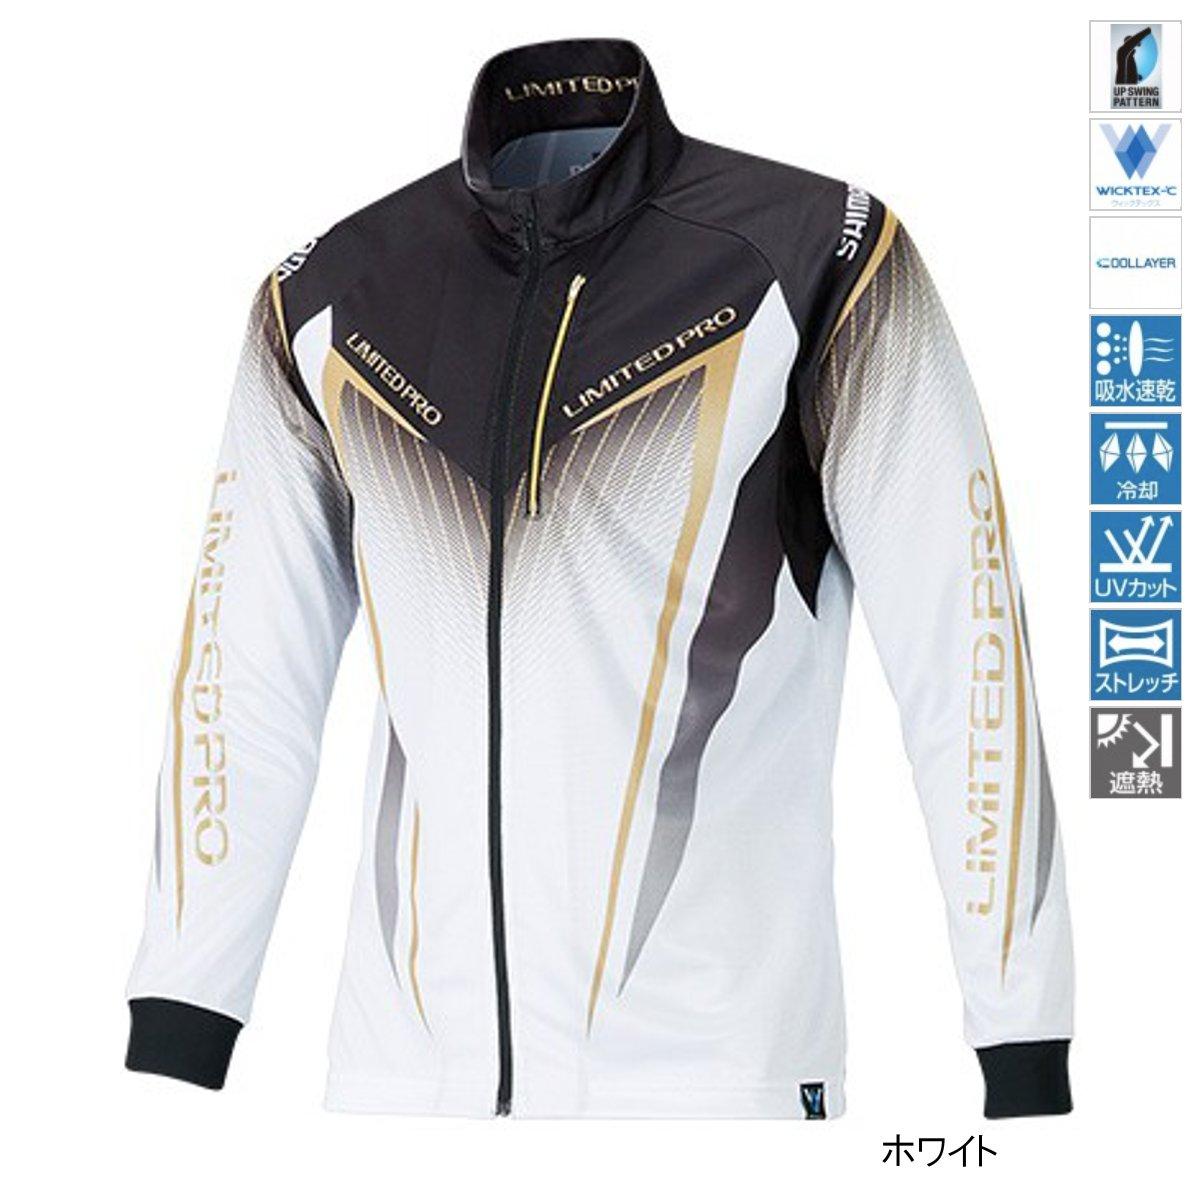 シマノ フルジップシャツLIMITED PRO(長袖) SH-011S XL ホワイト(東日本店)